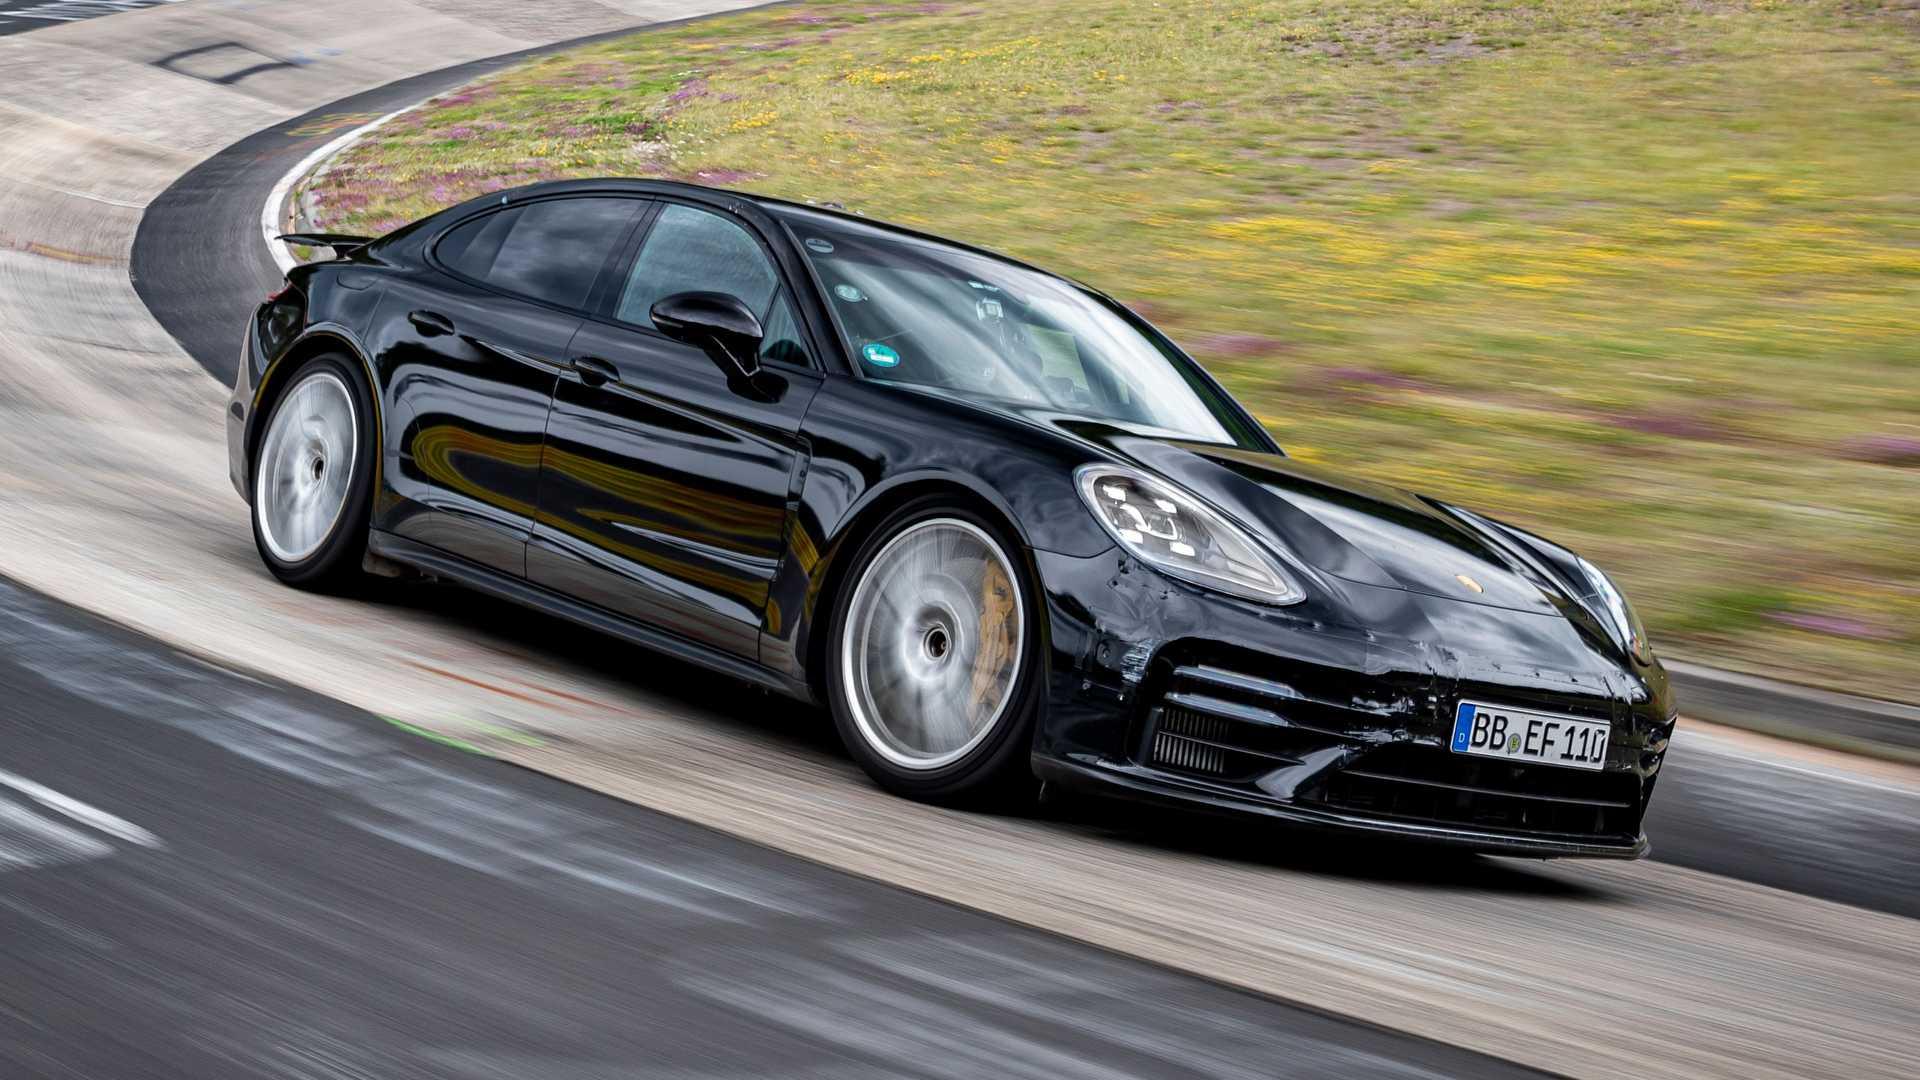 El Porsche Panamera bate récord en Nürburgring: Ahora es la berlina más rápida allí